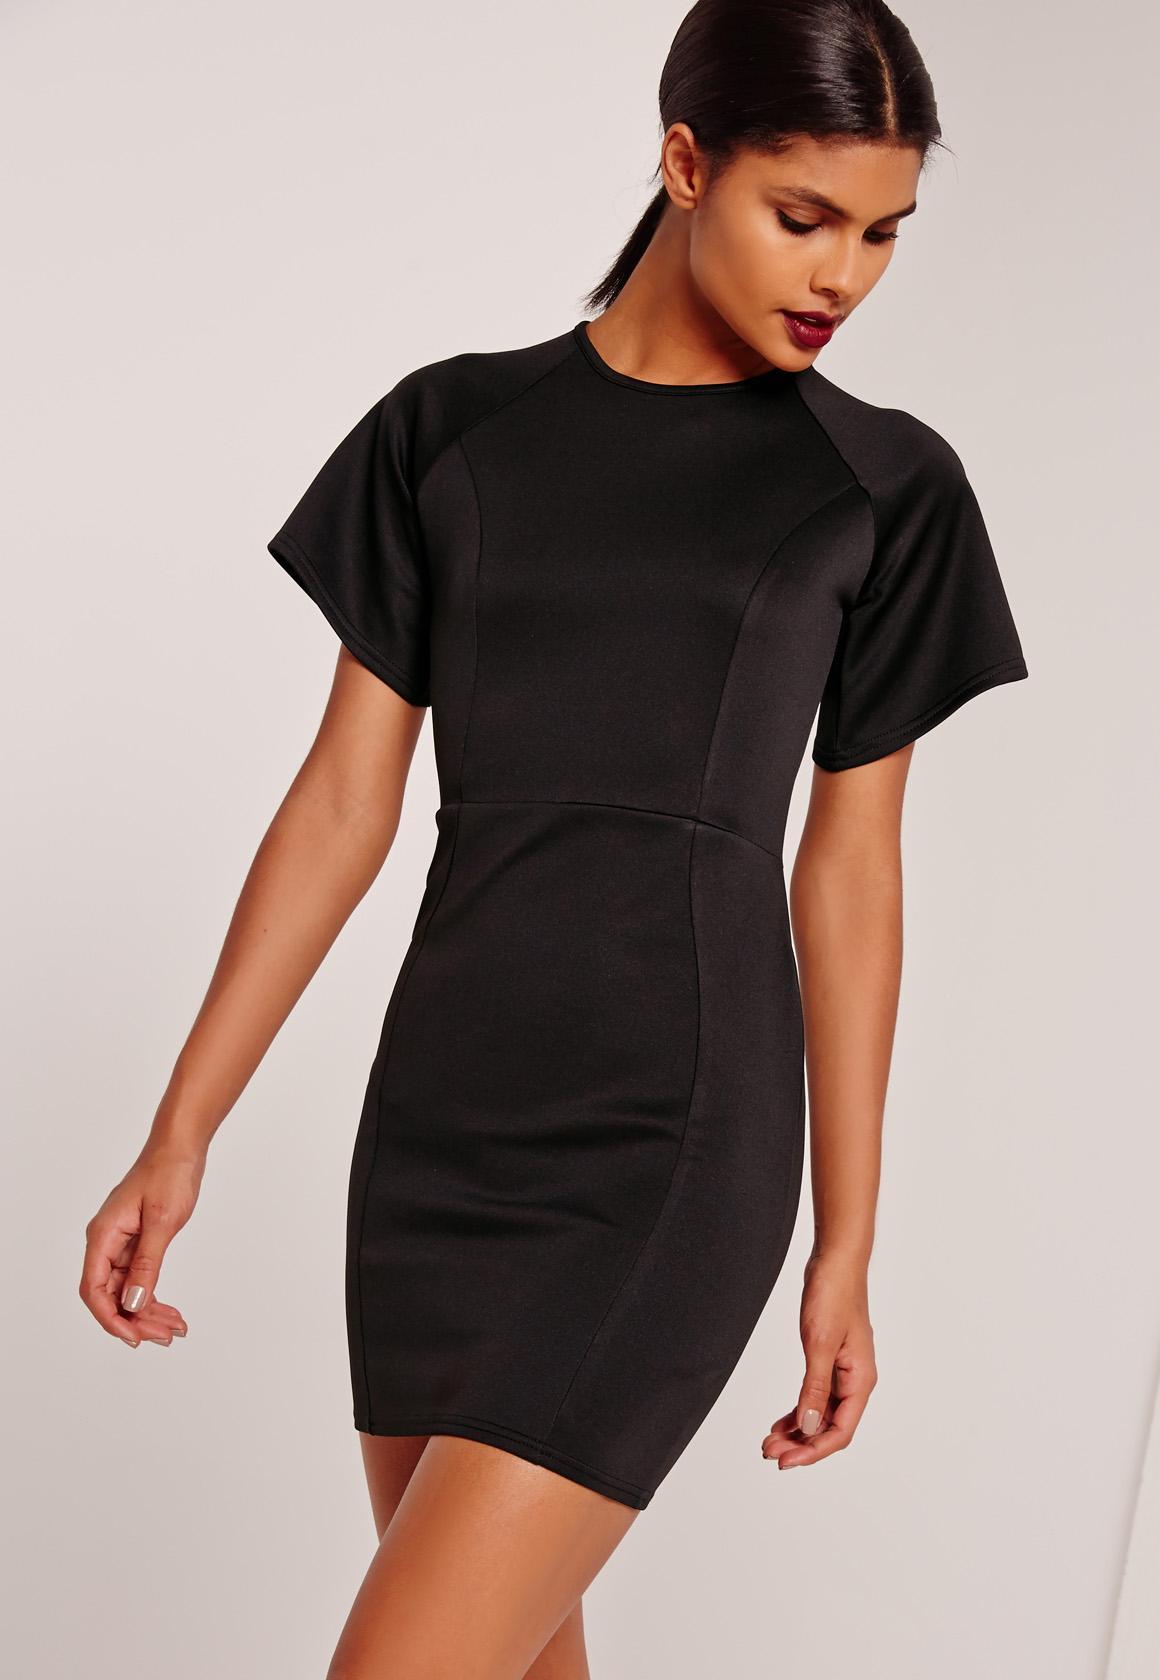 Kimono Sleeve Bodycon Scuba Dress Black